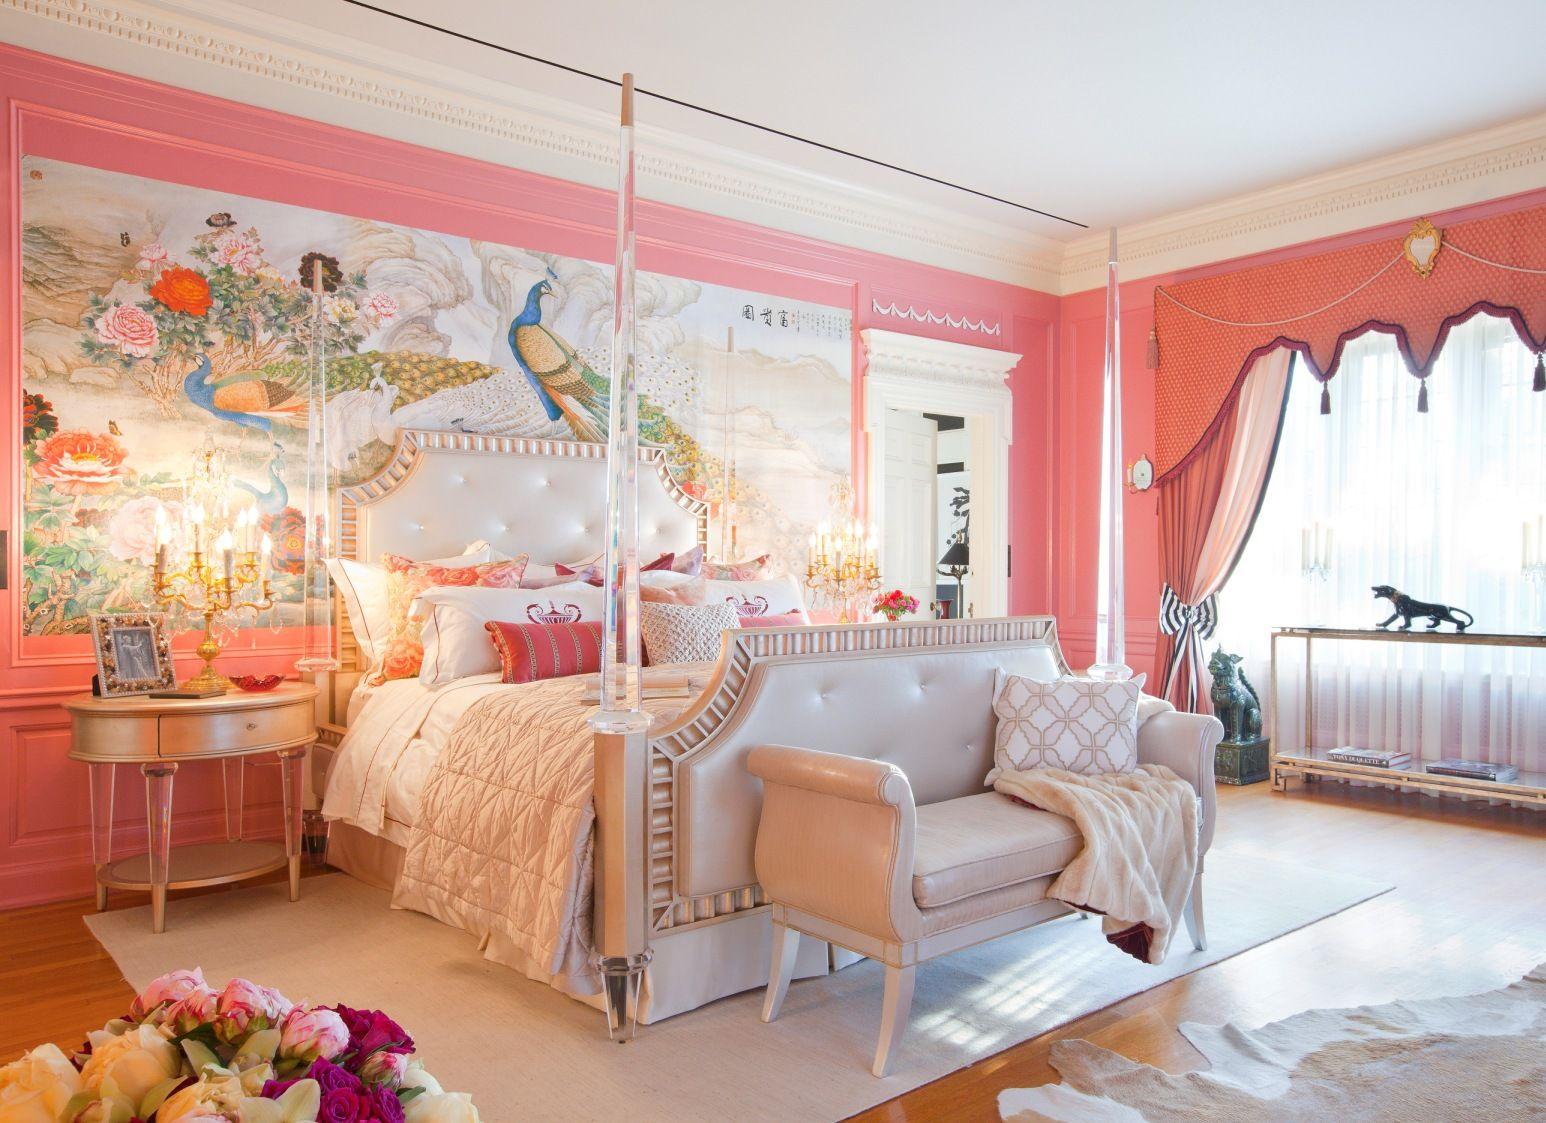 Бежевая кожаная кровать в кремово-коралловой спальне